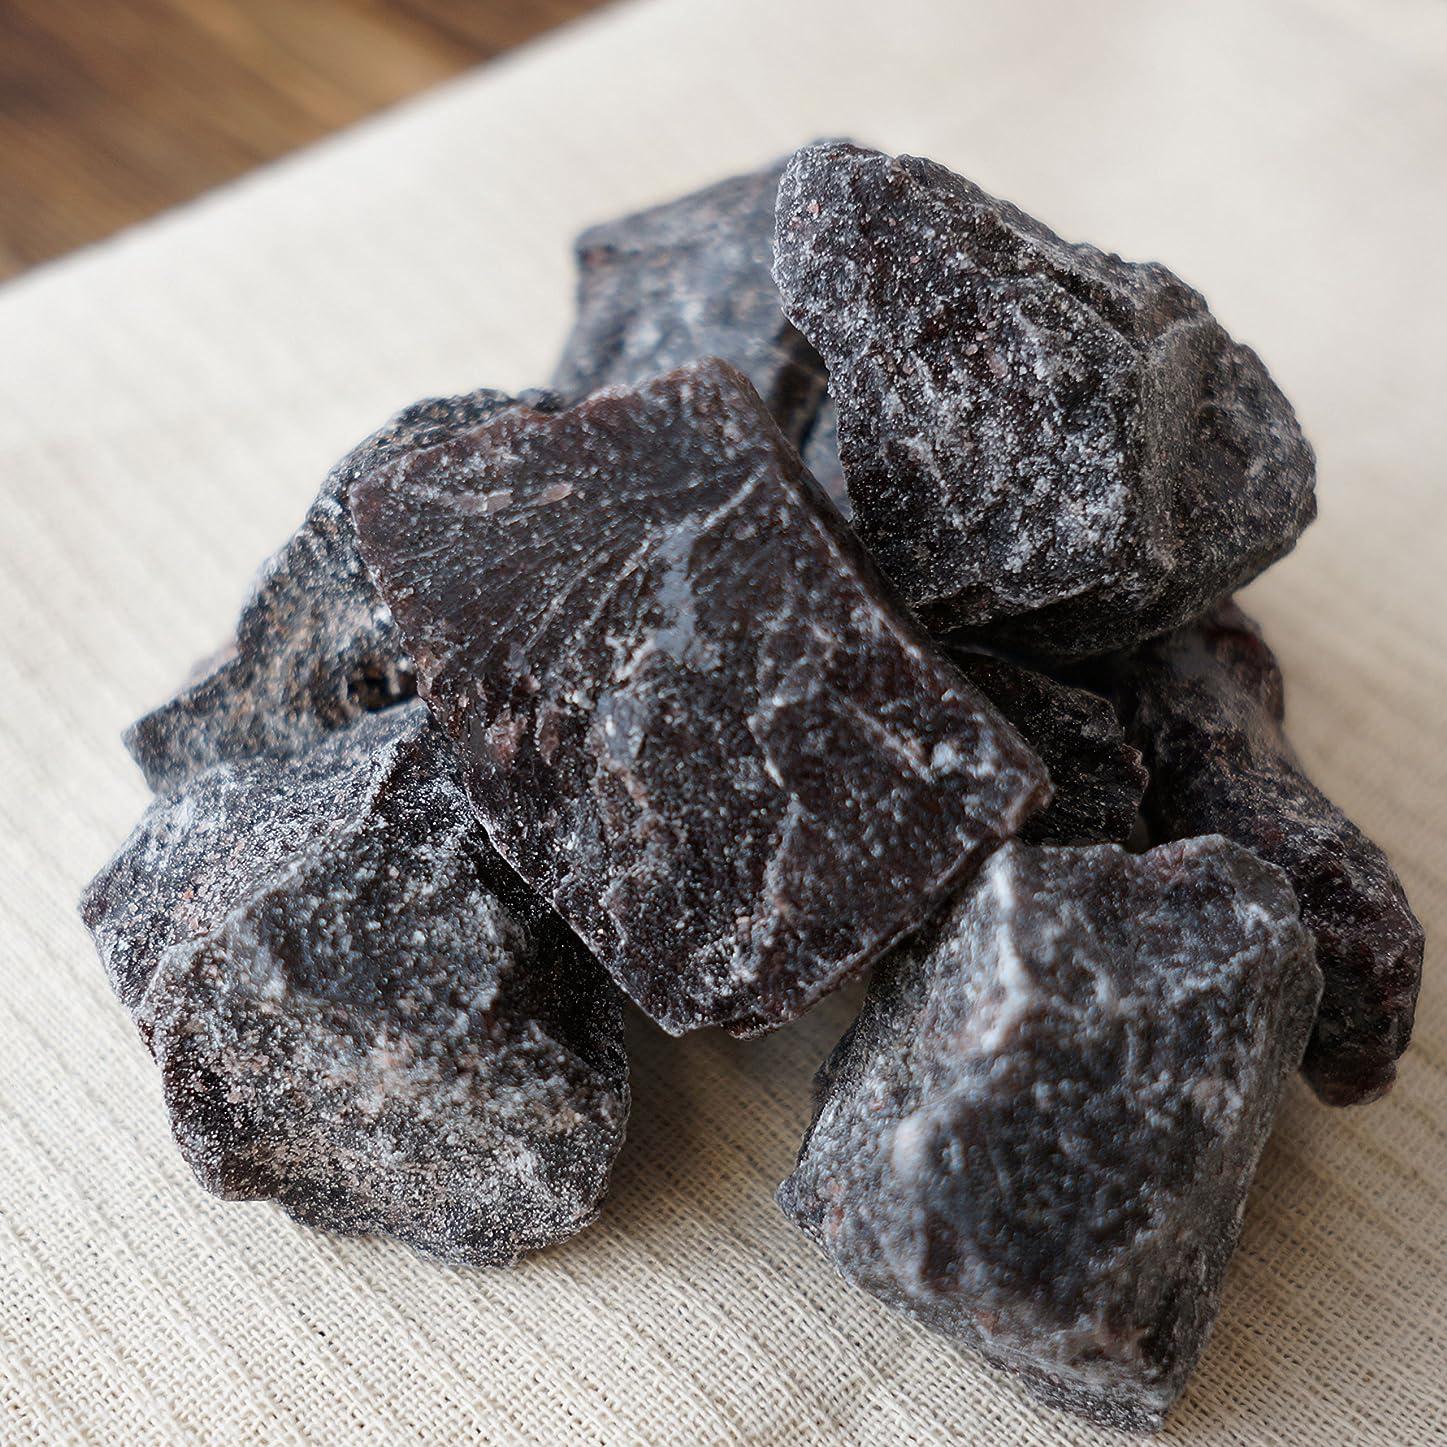 感謝祭あなたが良くなります倫理的希少 インド岩塩 ルビー ブロック 約2-5cm 10kg 10,000g 原料